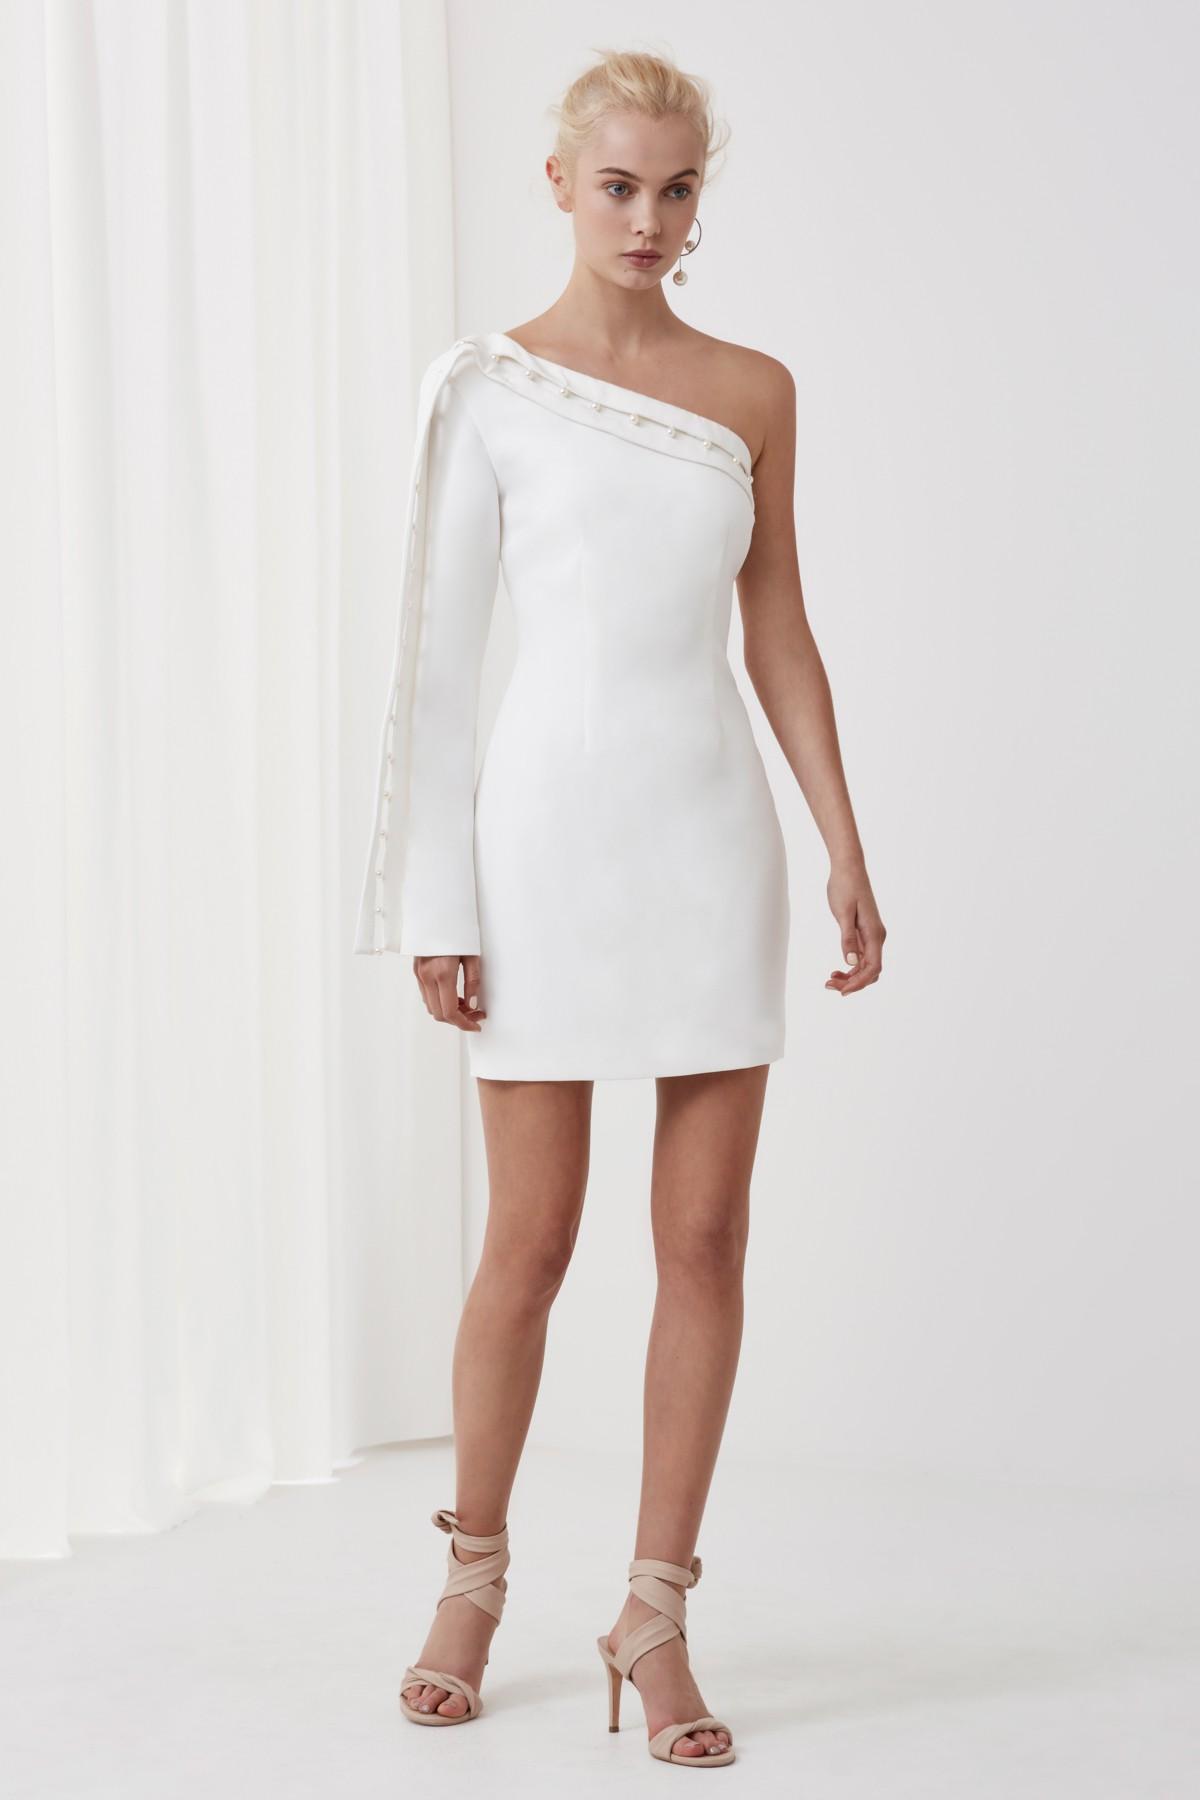 ks_1704_nh_signals_ls_mini_dress_ivory_4735_1.jpg